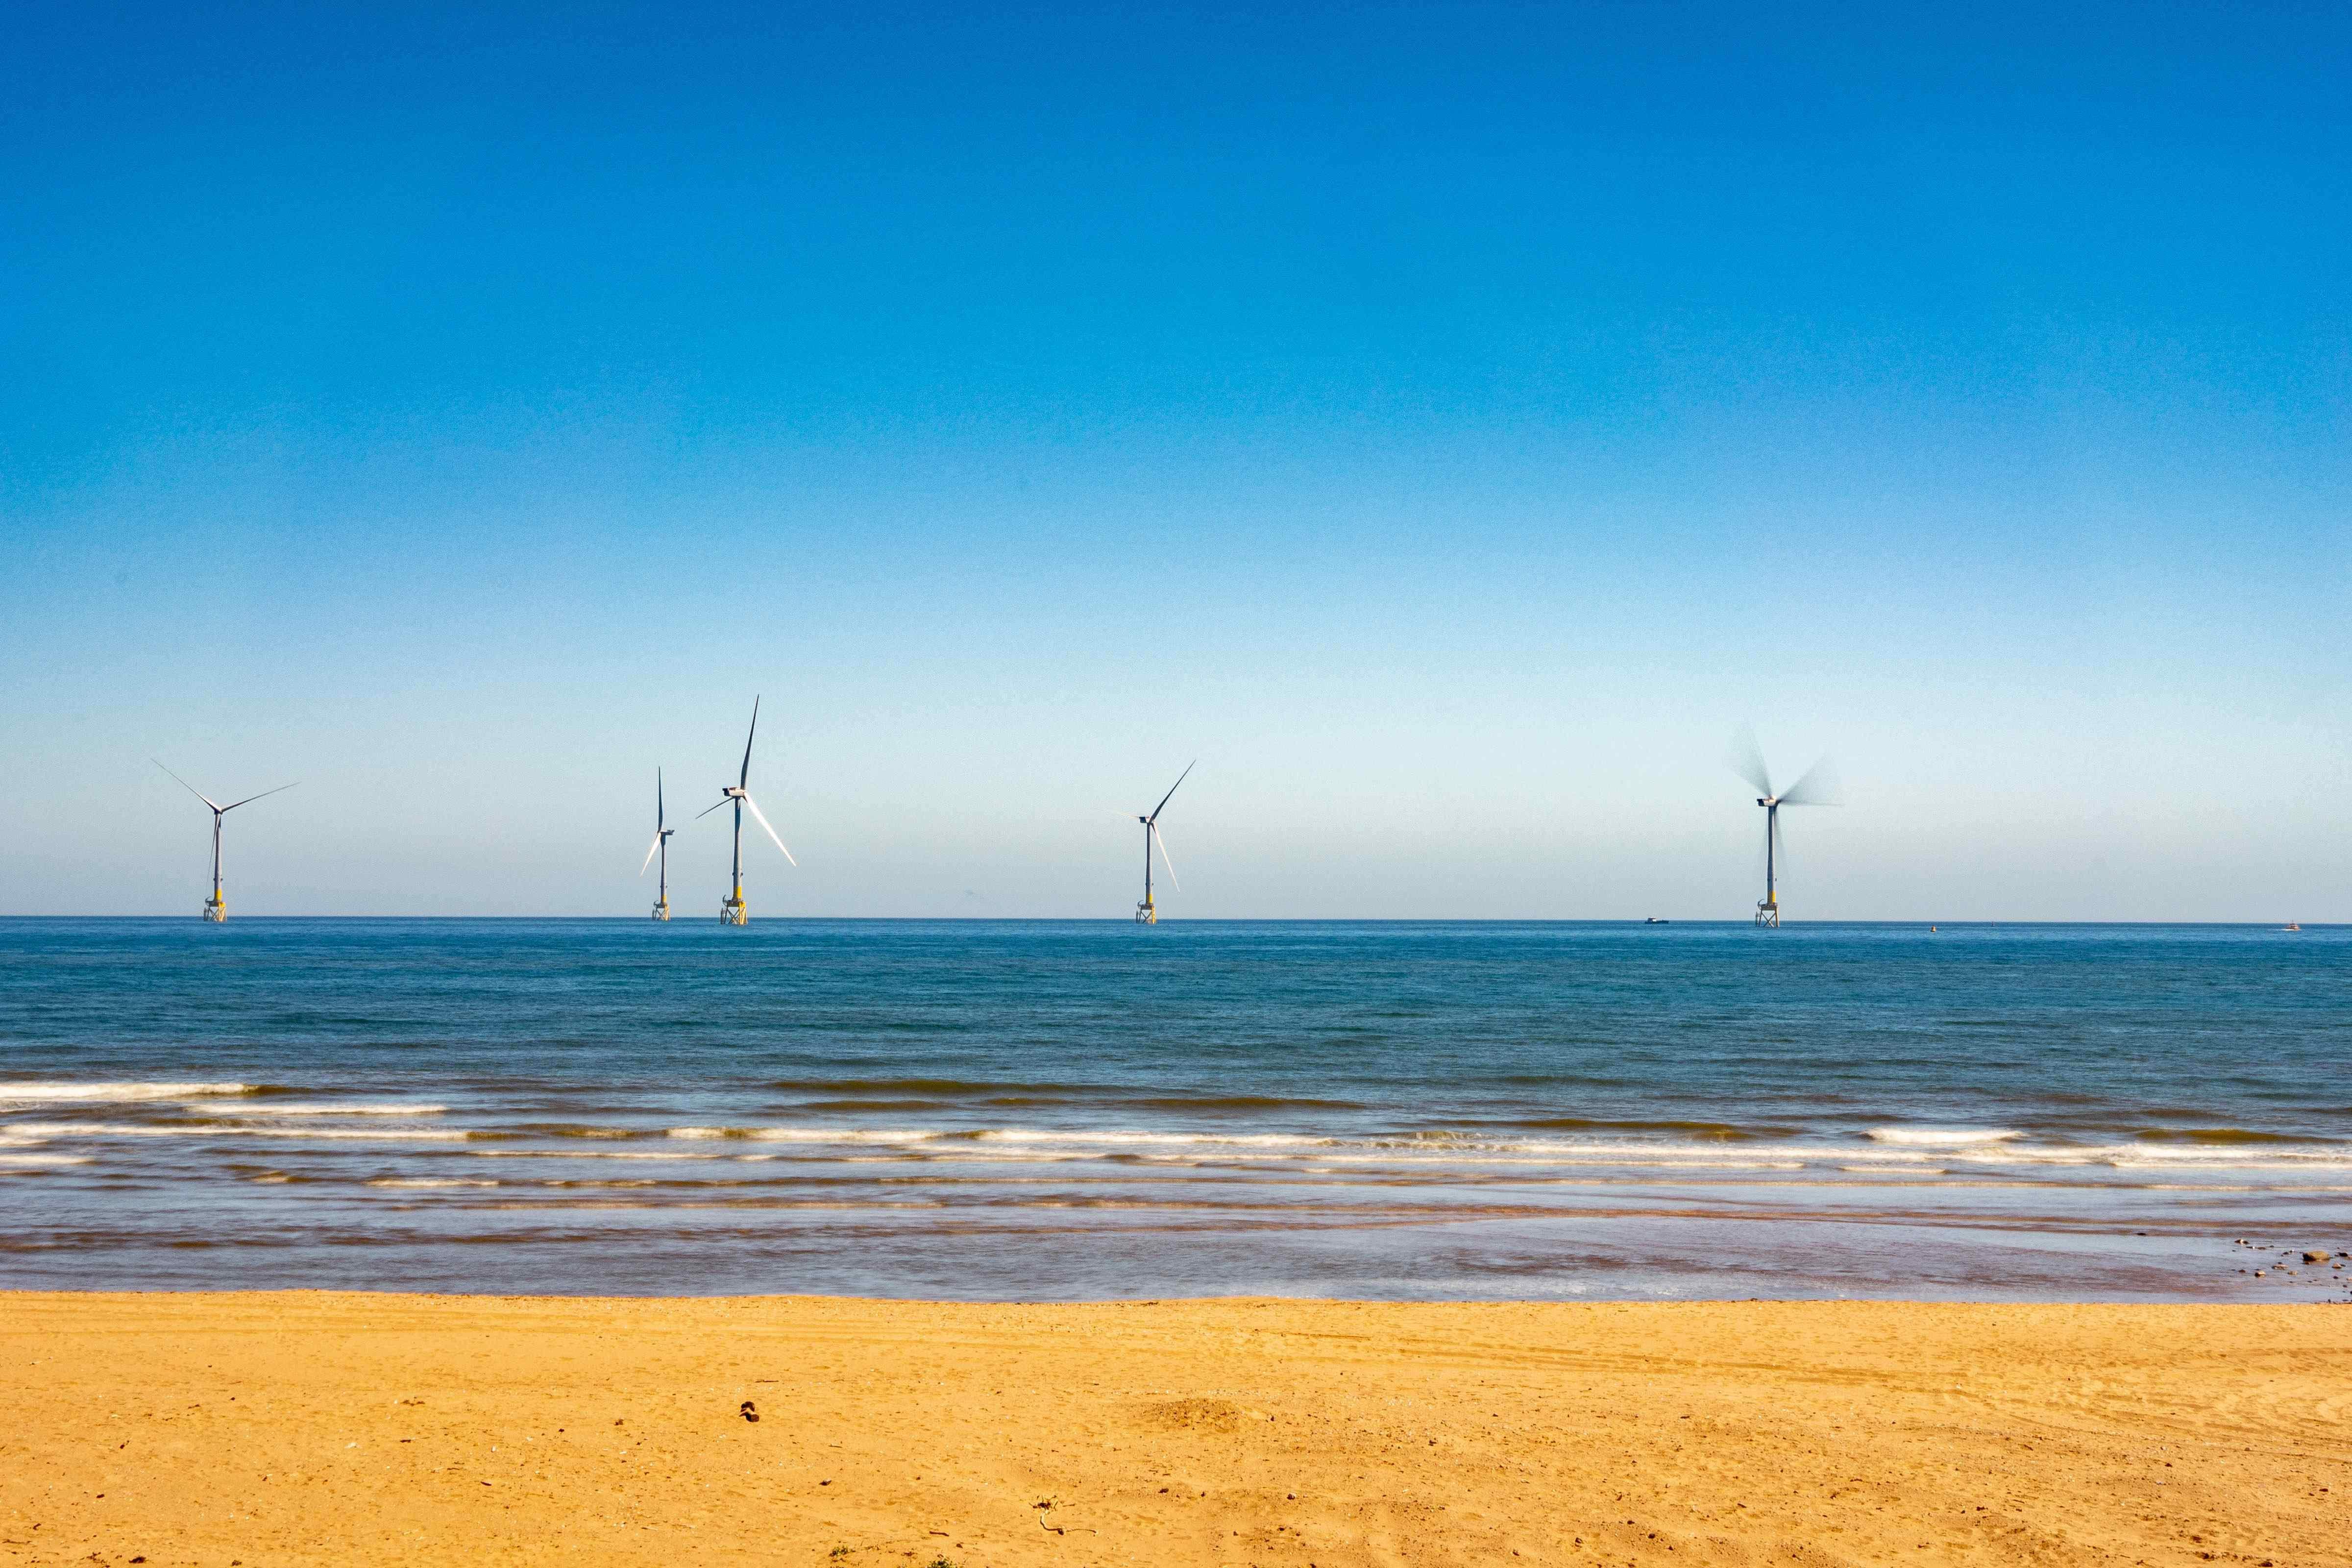 Aberdeen wind farm